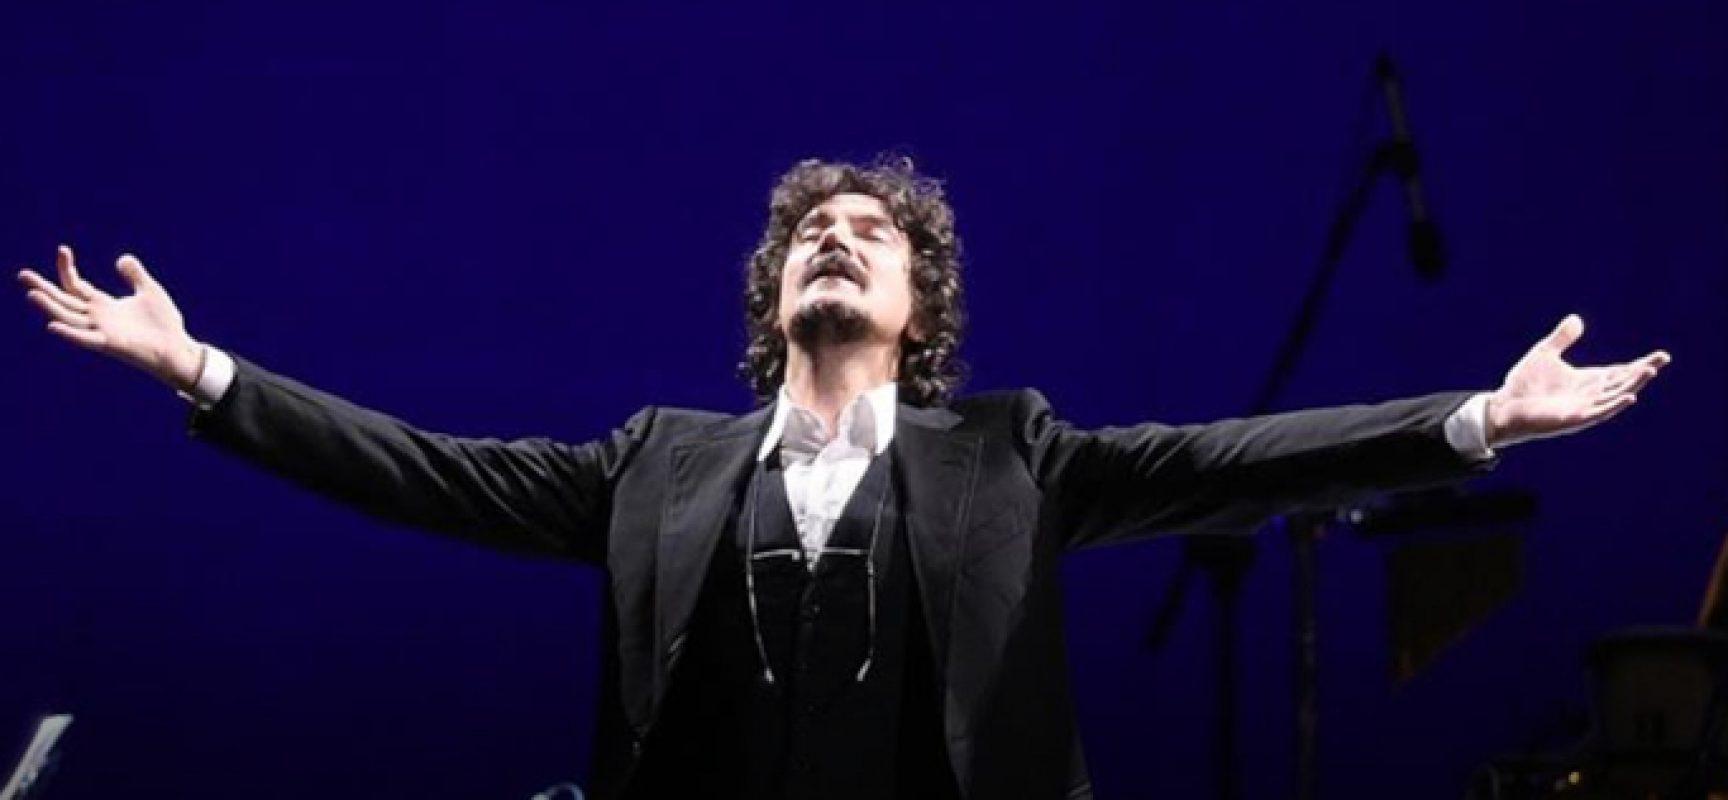 Amministrazione comunale dona 100 biglietti per lo spettacolo di Sergio Cammariere